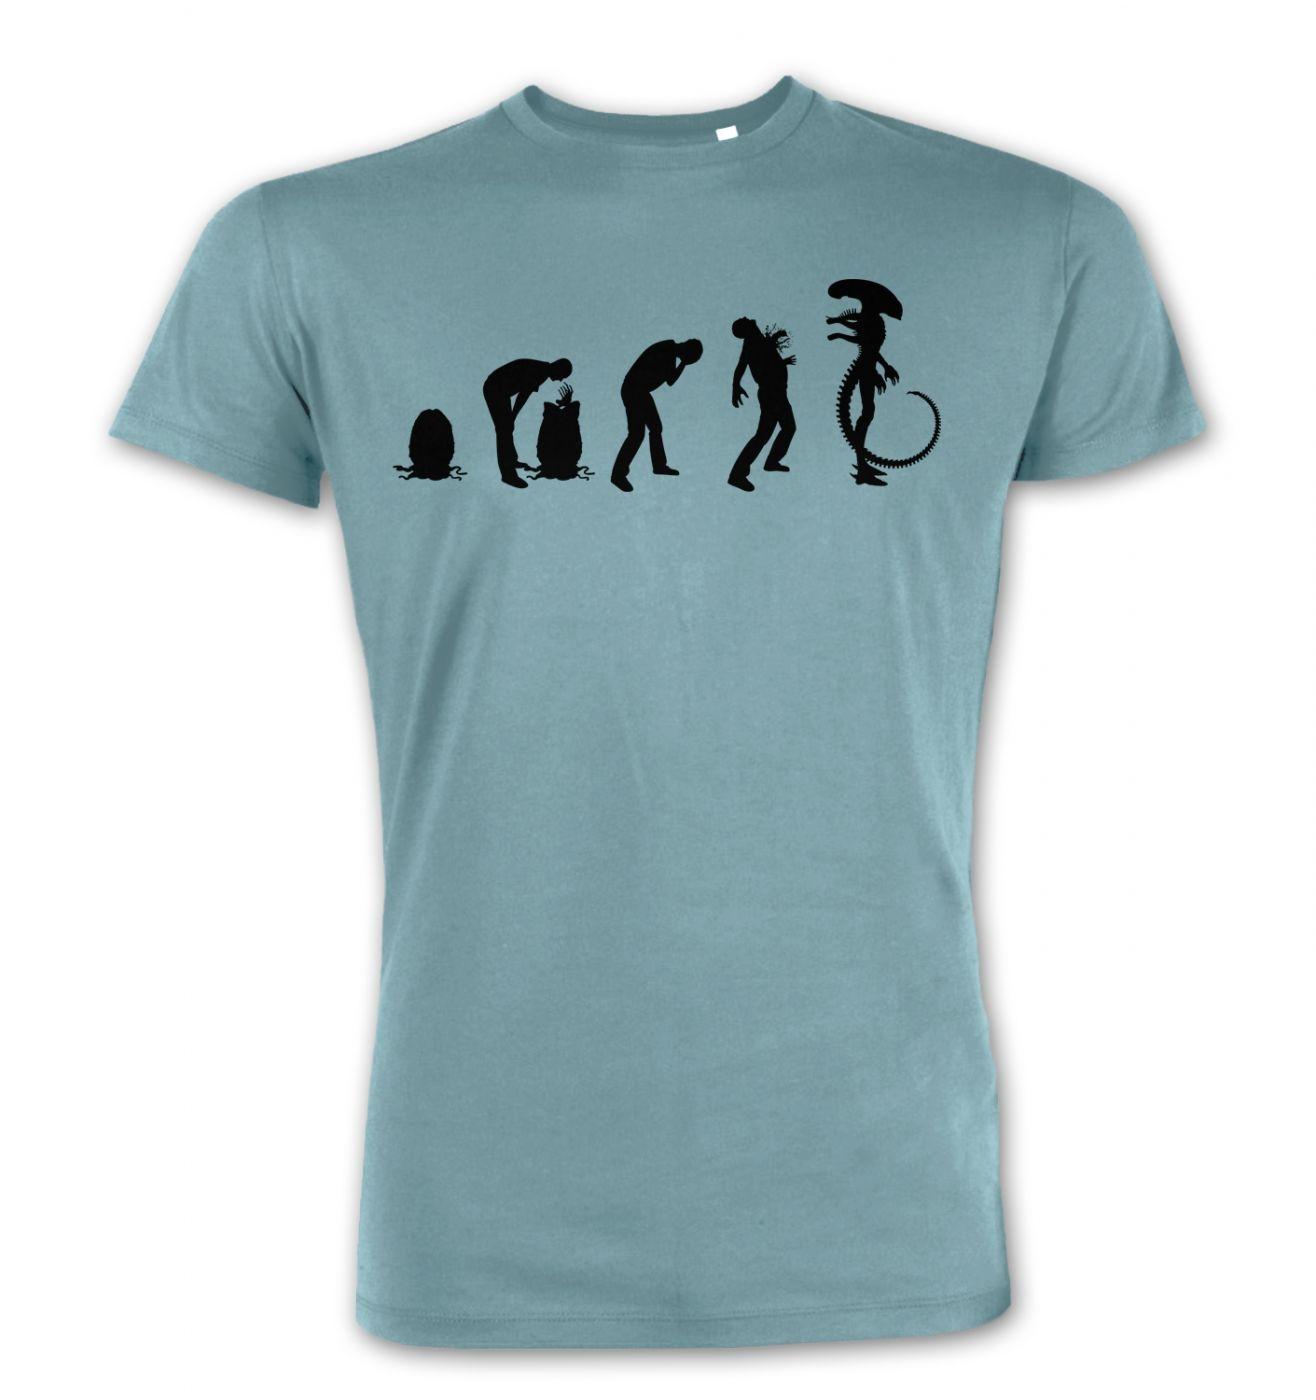 Xenomorph Evolution (Black) premium t-shirt